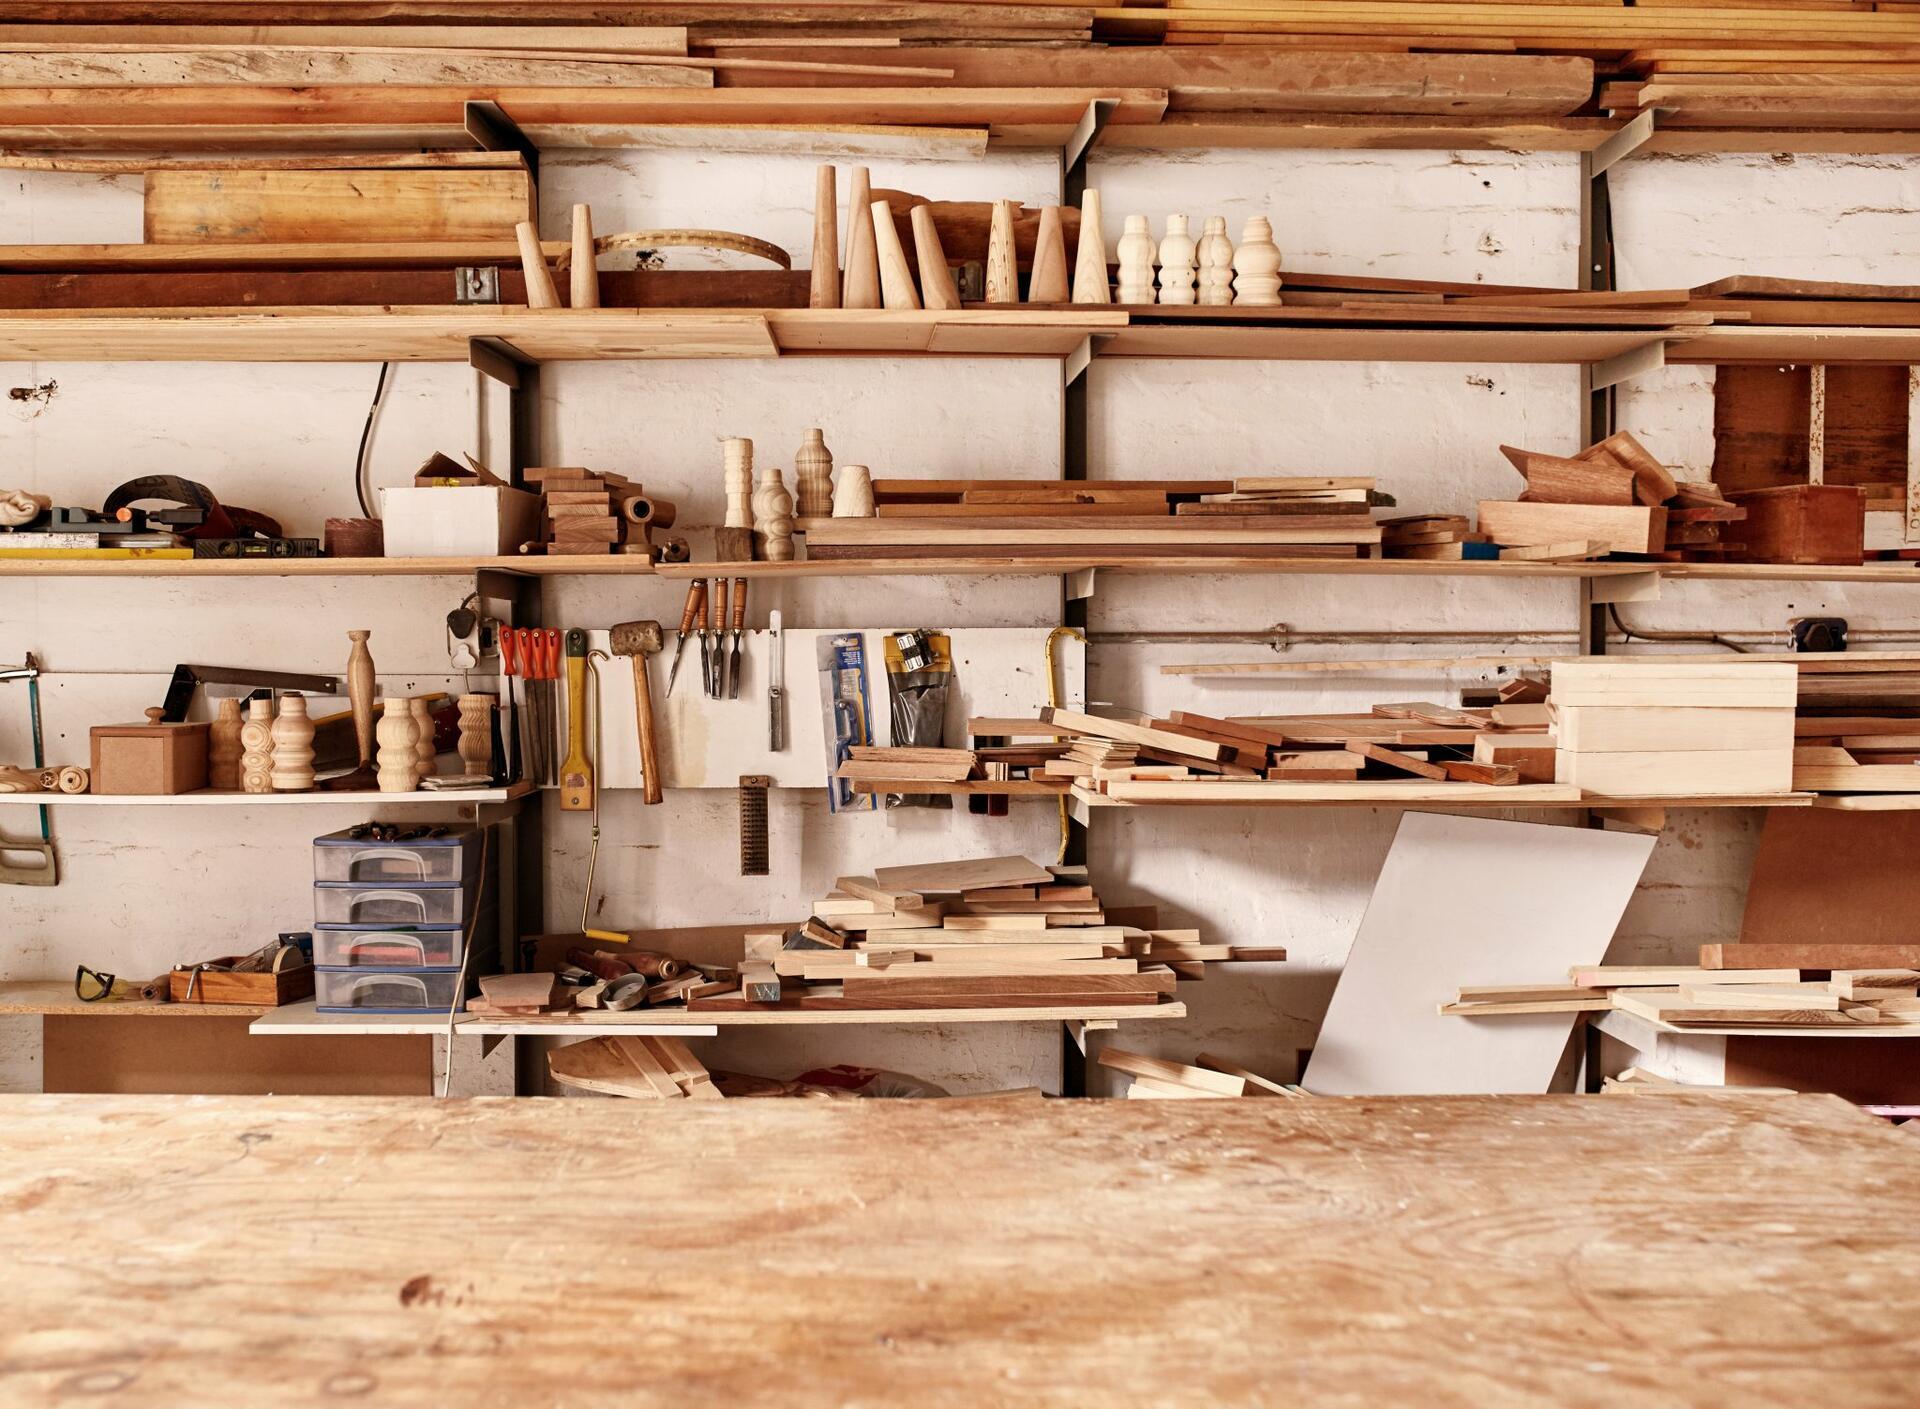 Truhlářská dílna - pilové pásy na dřevo